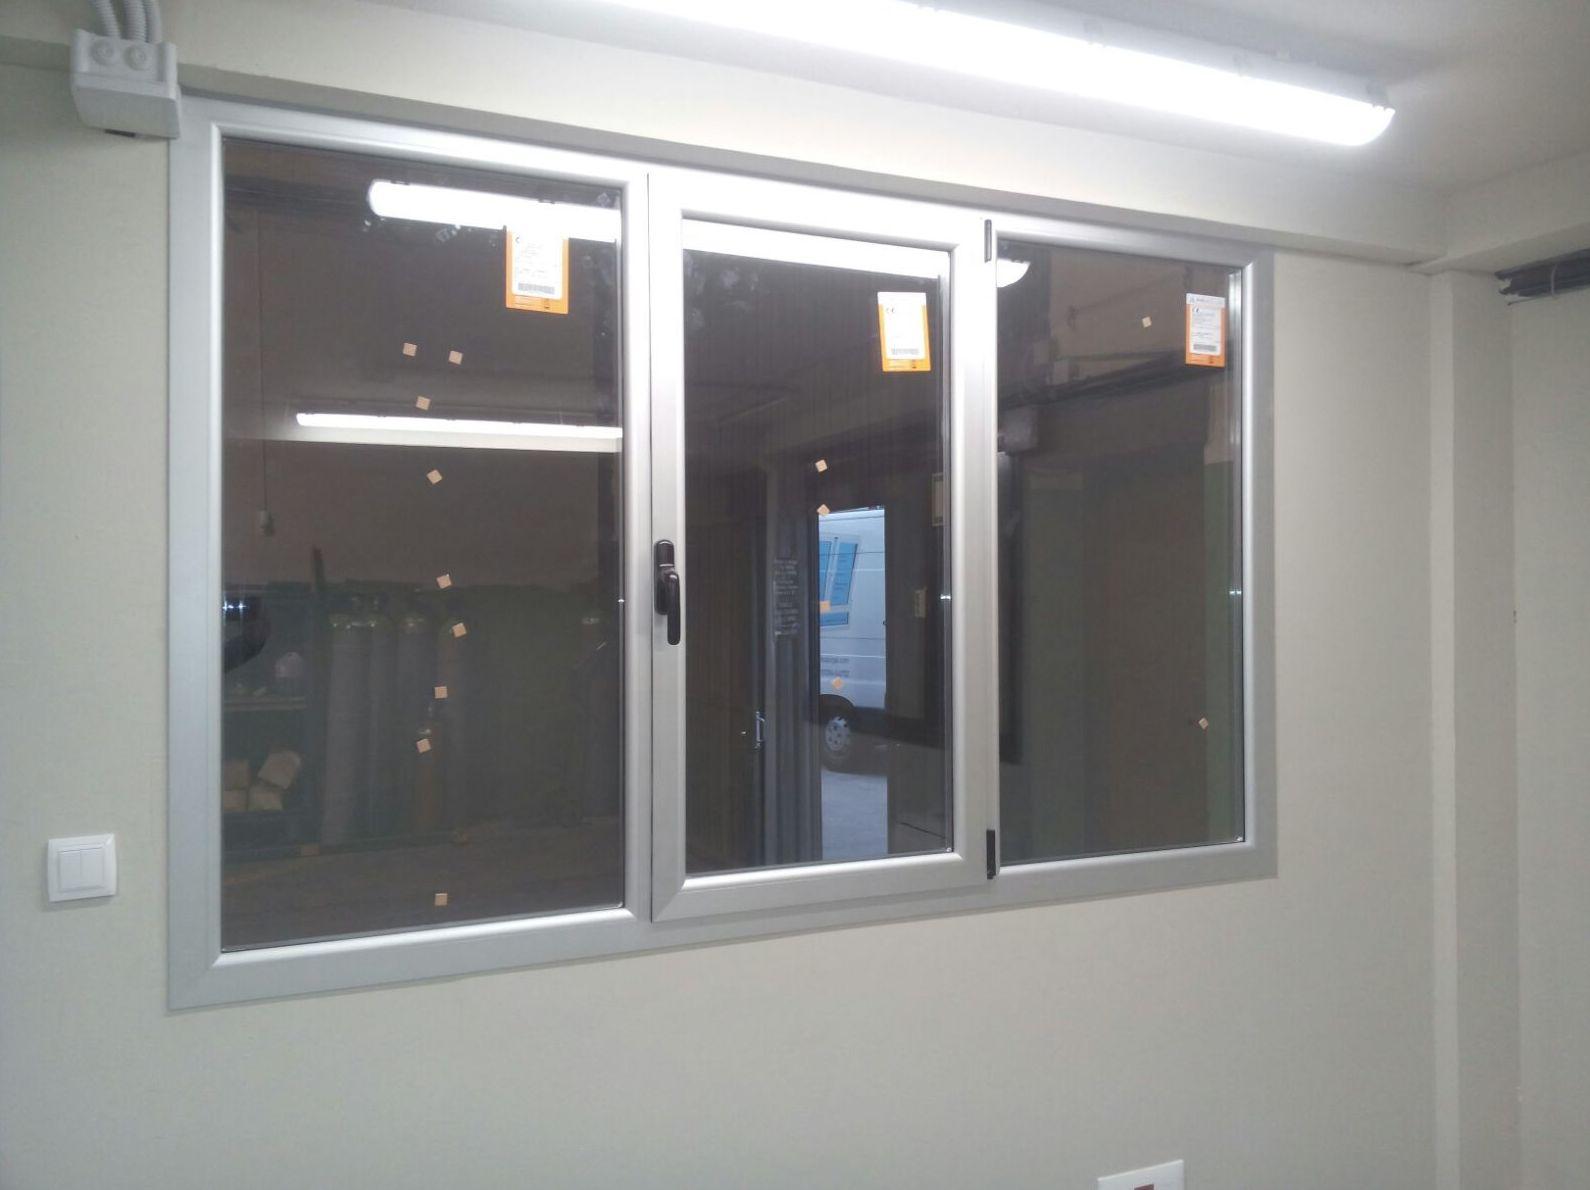 Foto 8 de Carpintería de aluminio, metálica y PVC en Vitoria-Gasteiz | Zurgal Aluminios, S.L.